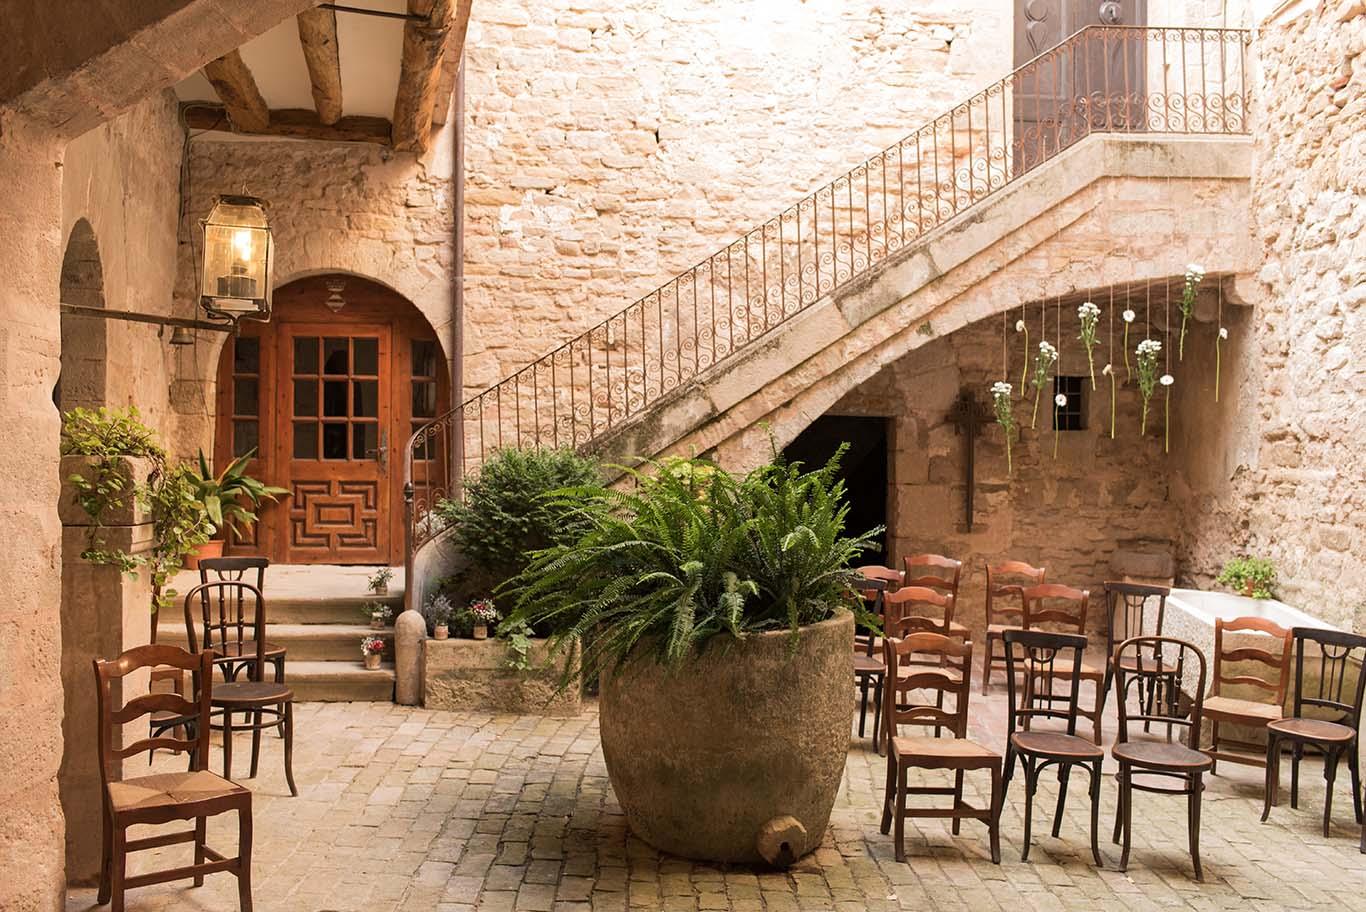 Castell-tous-espai-gastronomia-14